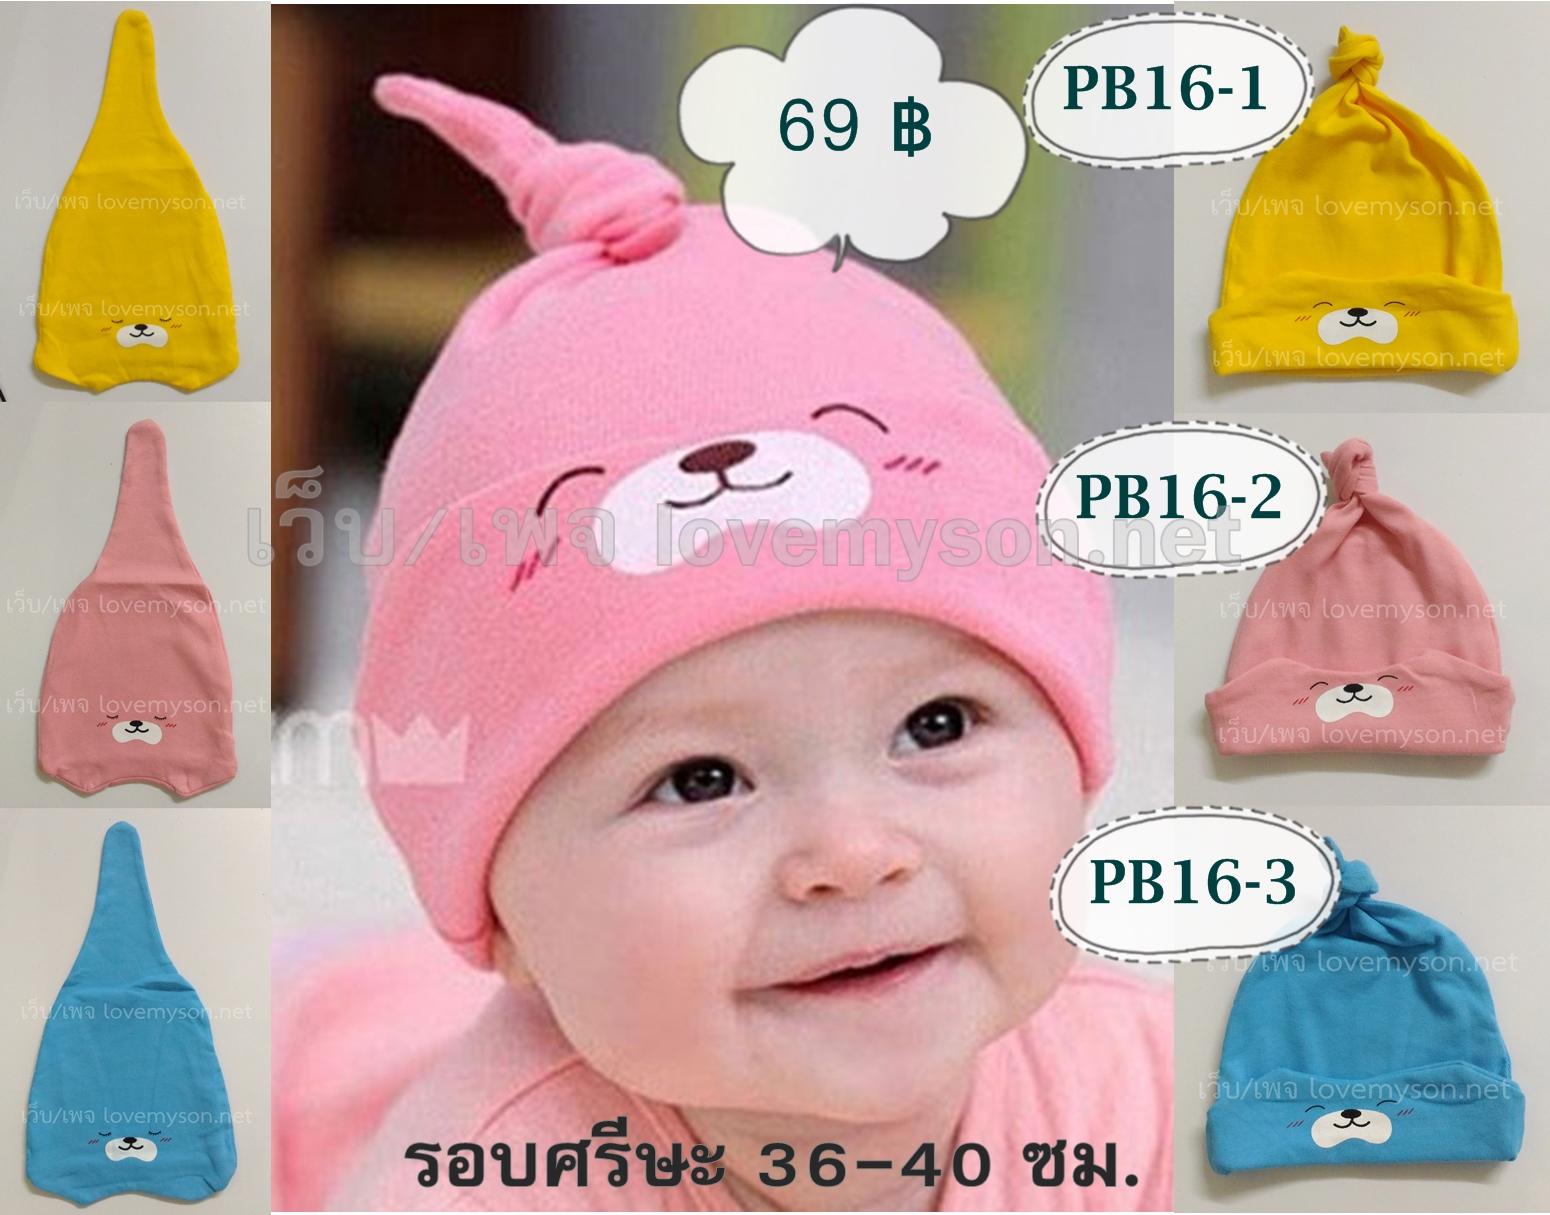 หมวกเด็กแรกเกิด PB16 **เลือกสีด้านใน